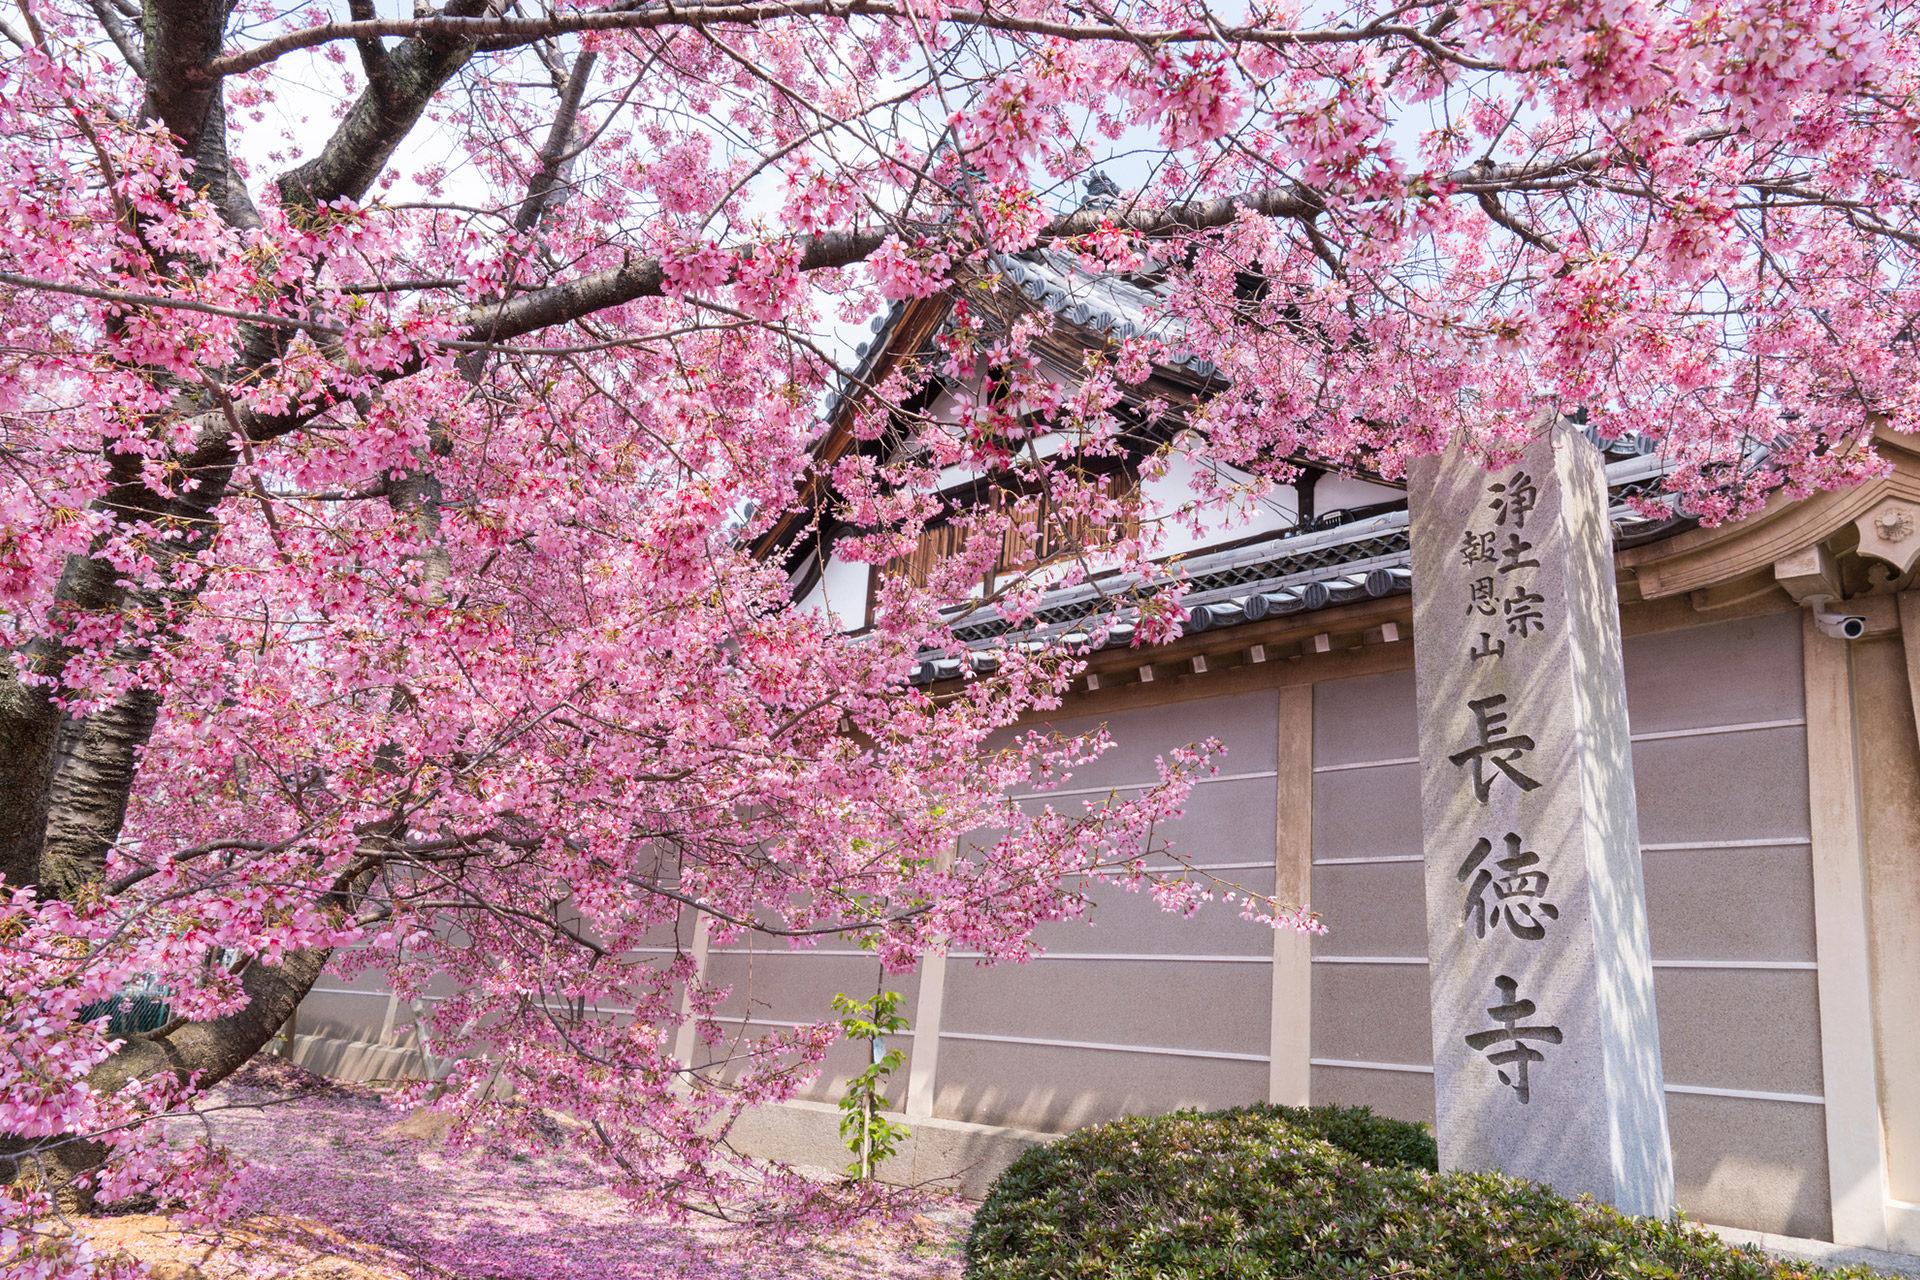 京都  櫻花  早開